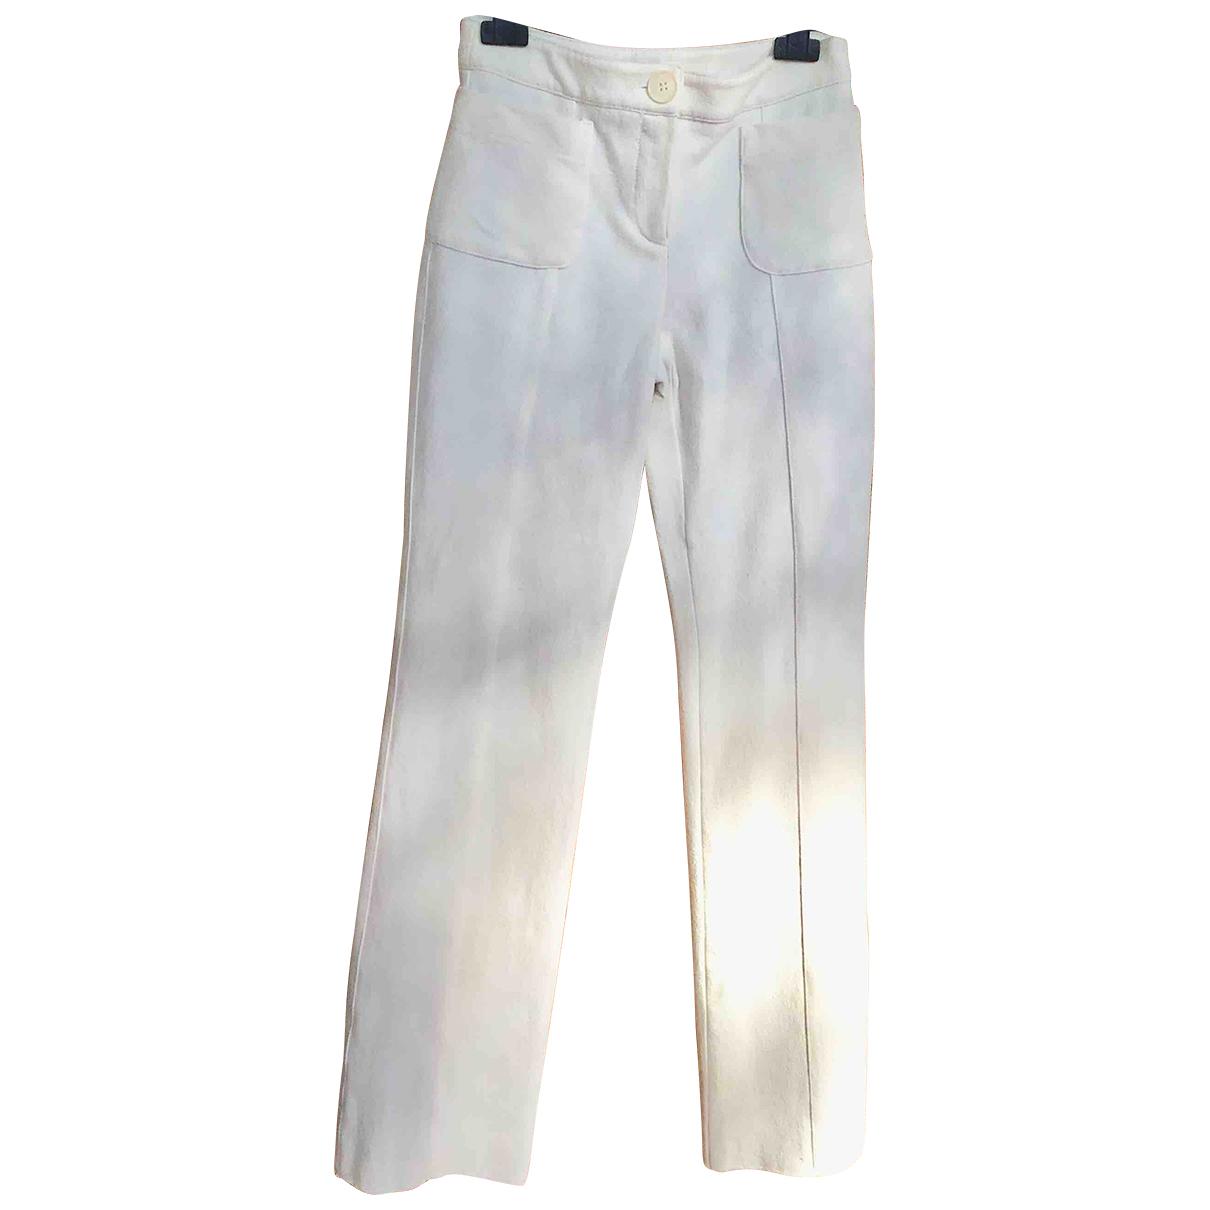 Pantalon recto de Lana Emporio Armani